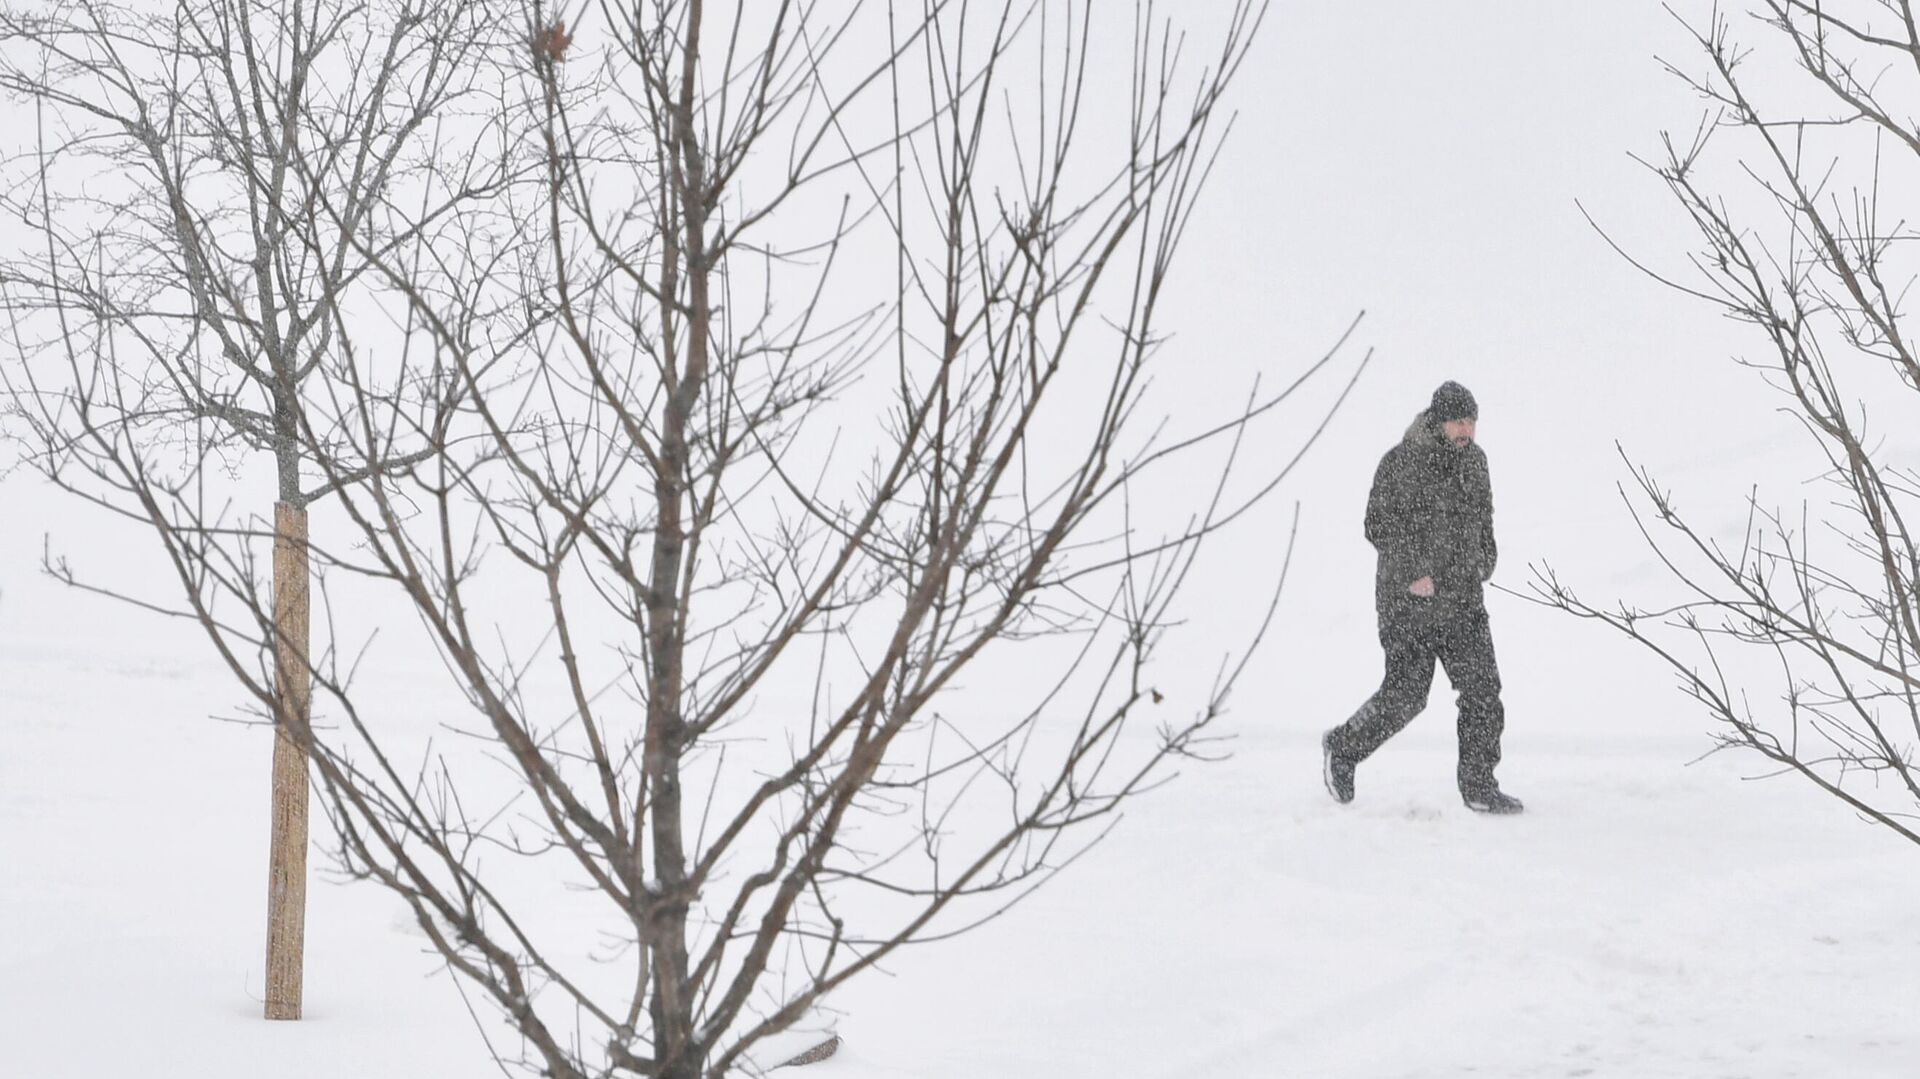 Мужчина во время снегопада в Москве - РИА Новости, 1920, 18.02.2021